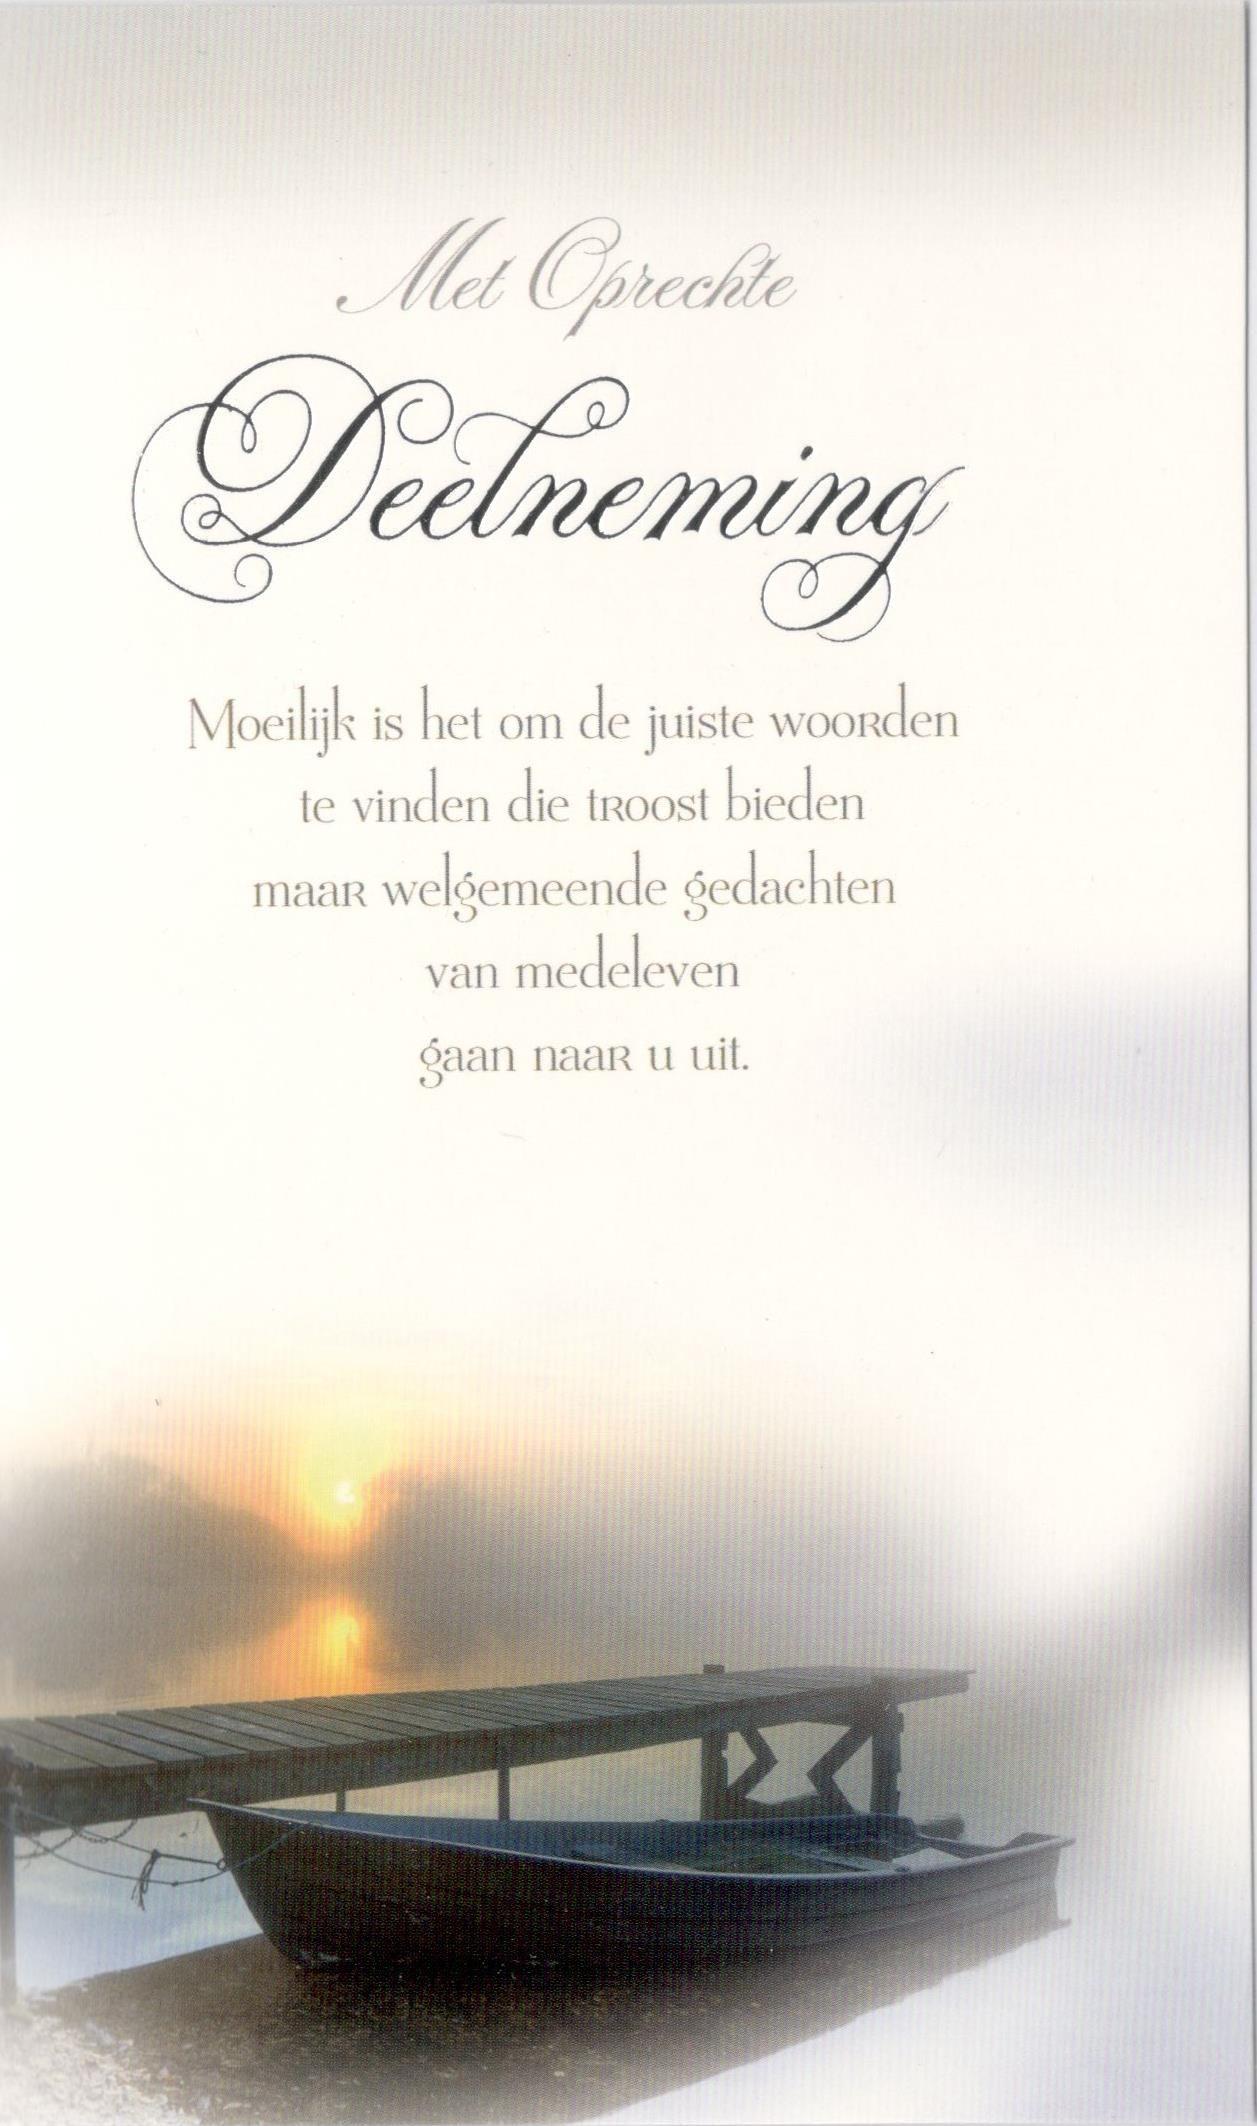 Inspiratie Voor Een Condoleance Tekst Kijk Voor Meer